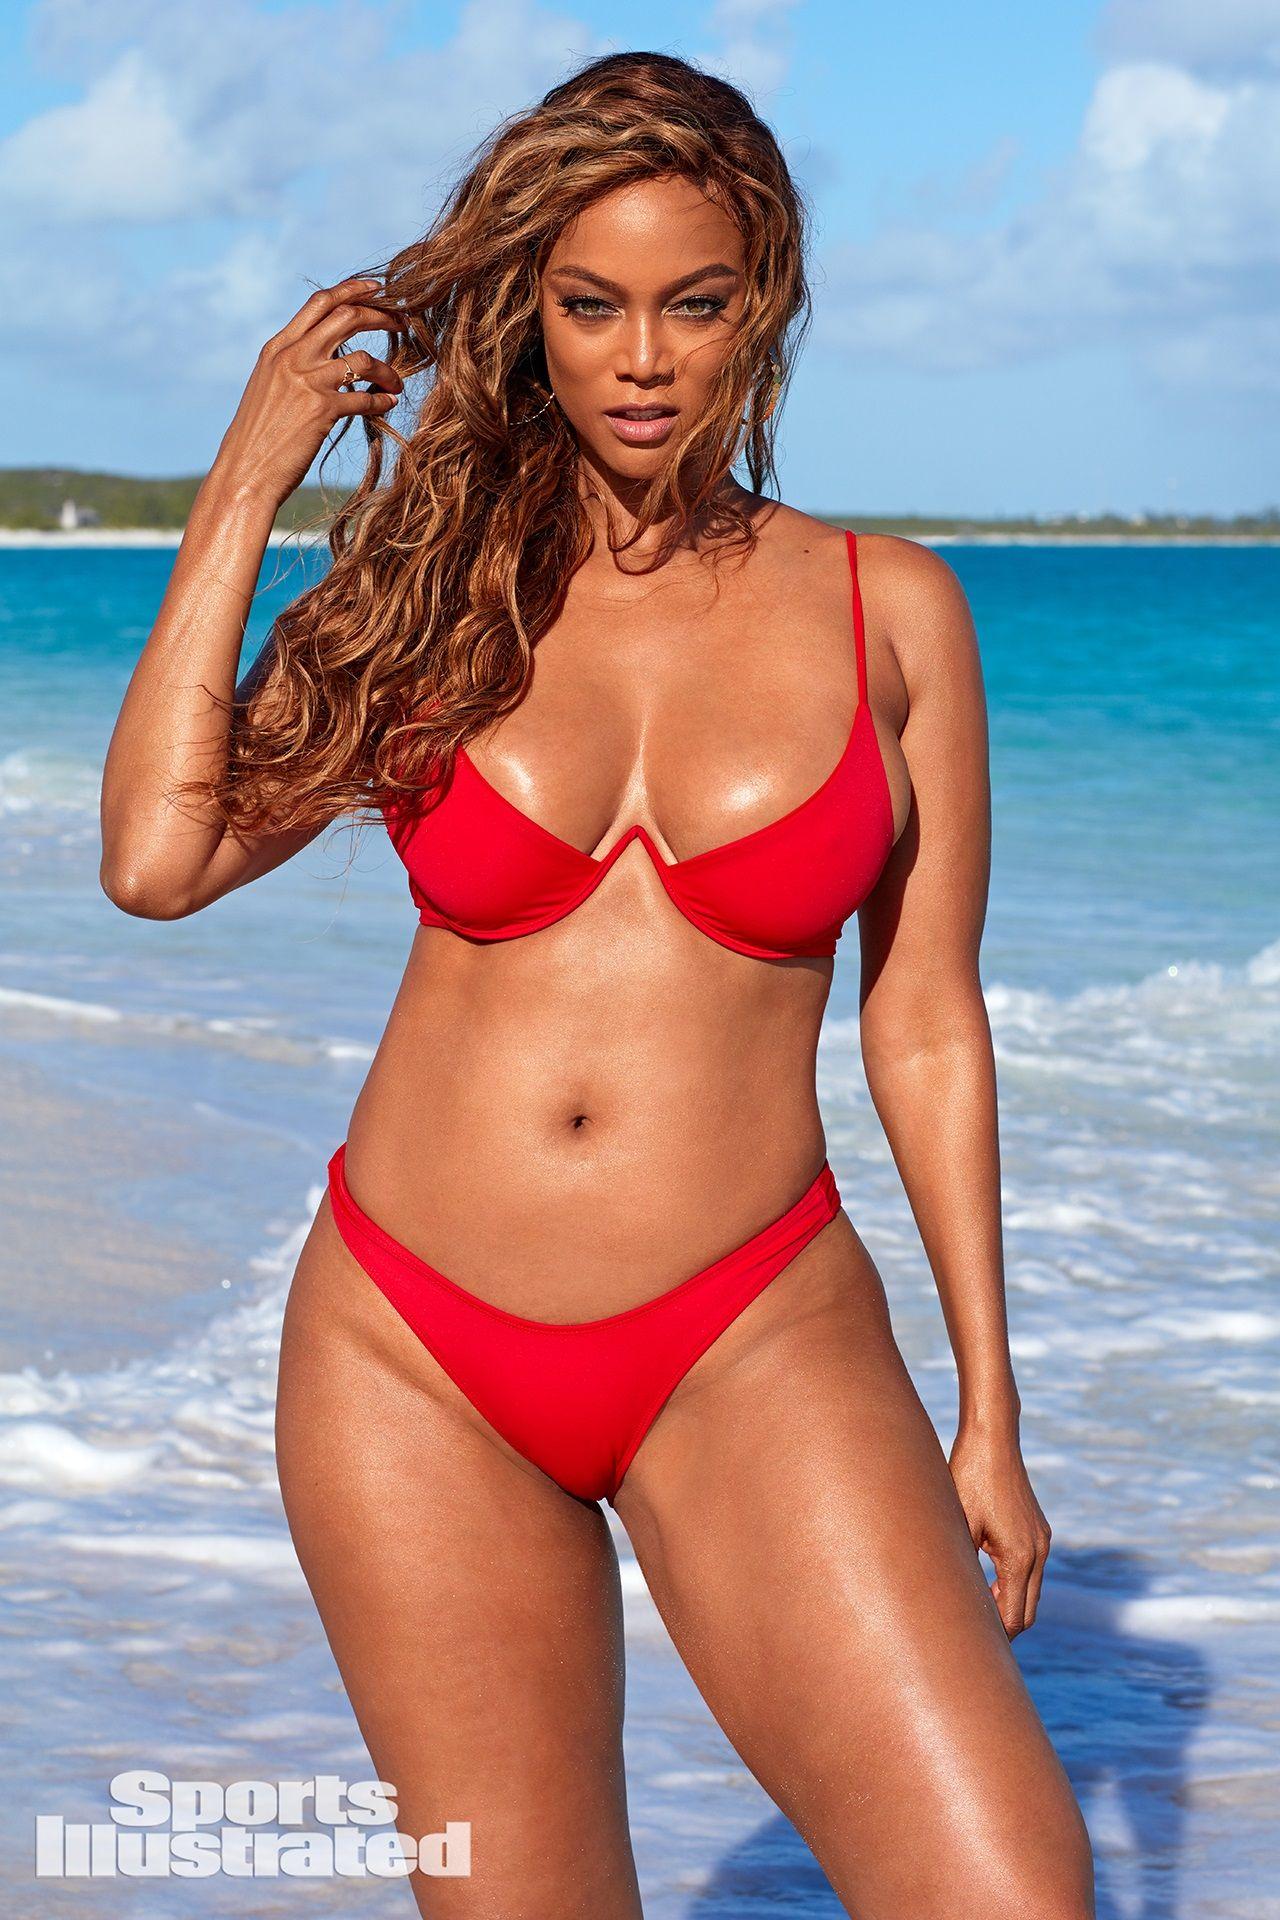 Tyra banks bikini pics